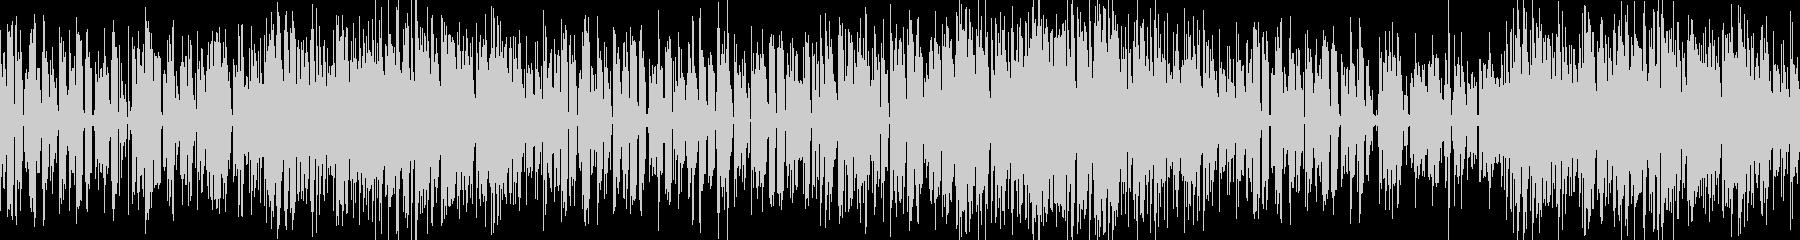 お洒落なジャズピアノトリオ17 ループの未再生の波形